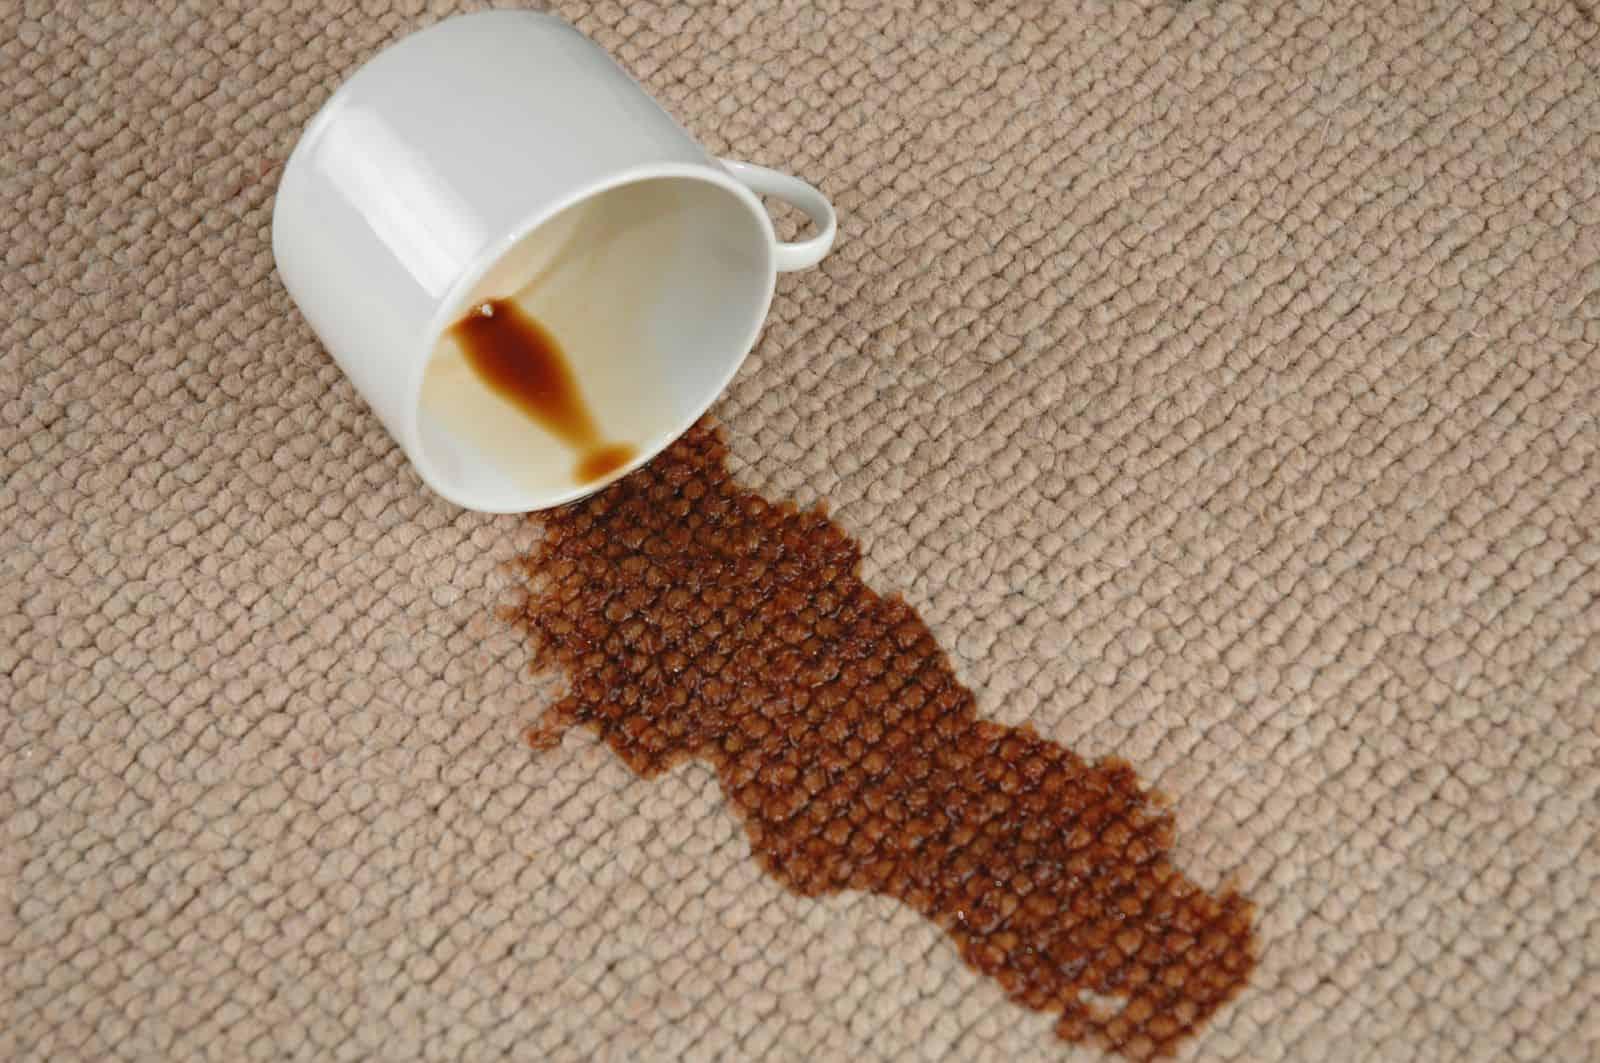 Kaffe på tæppet